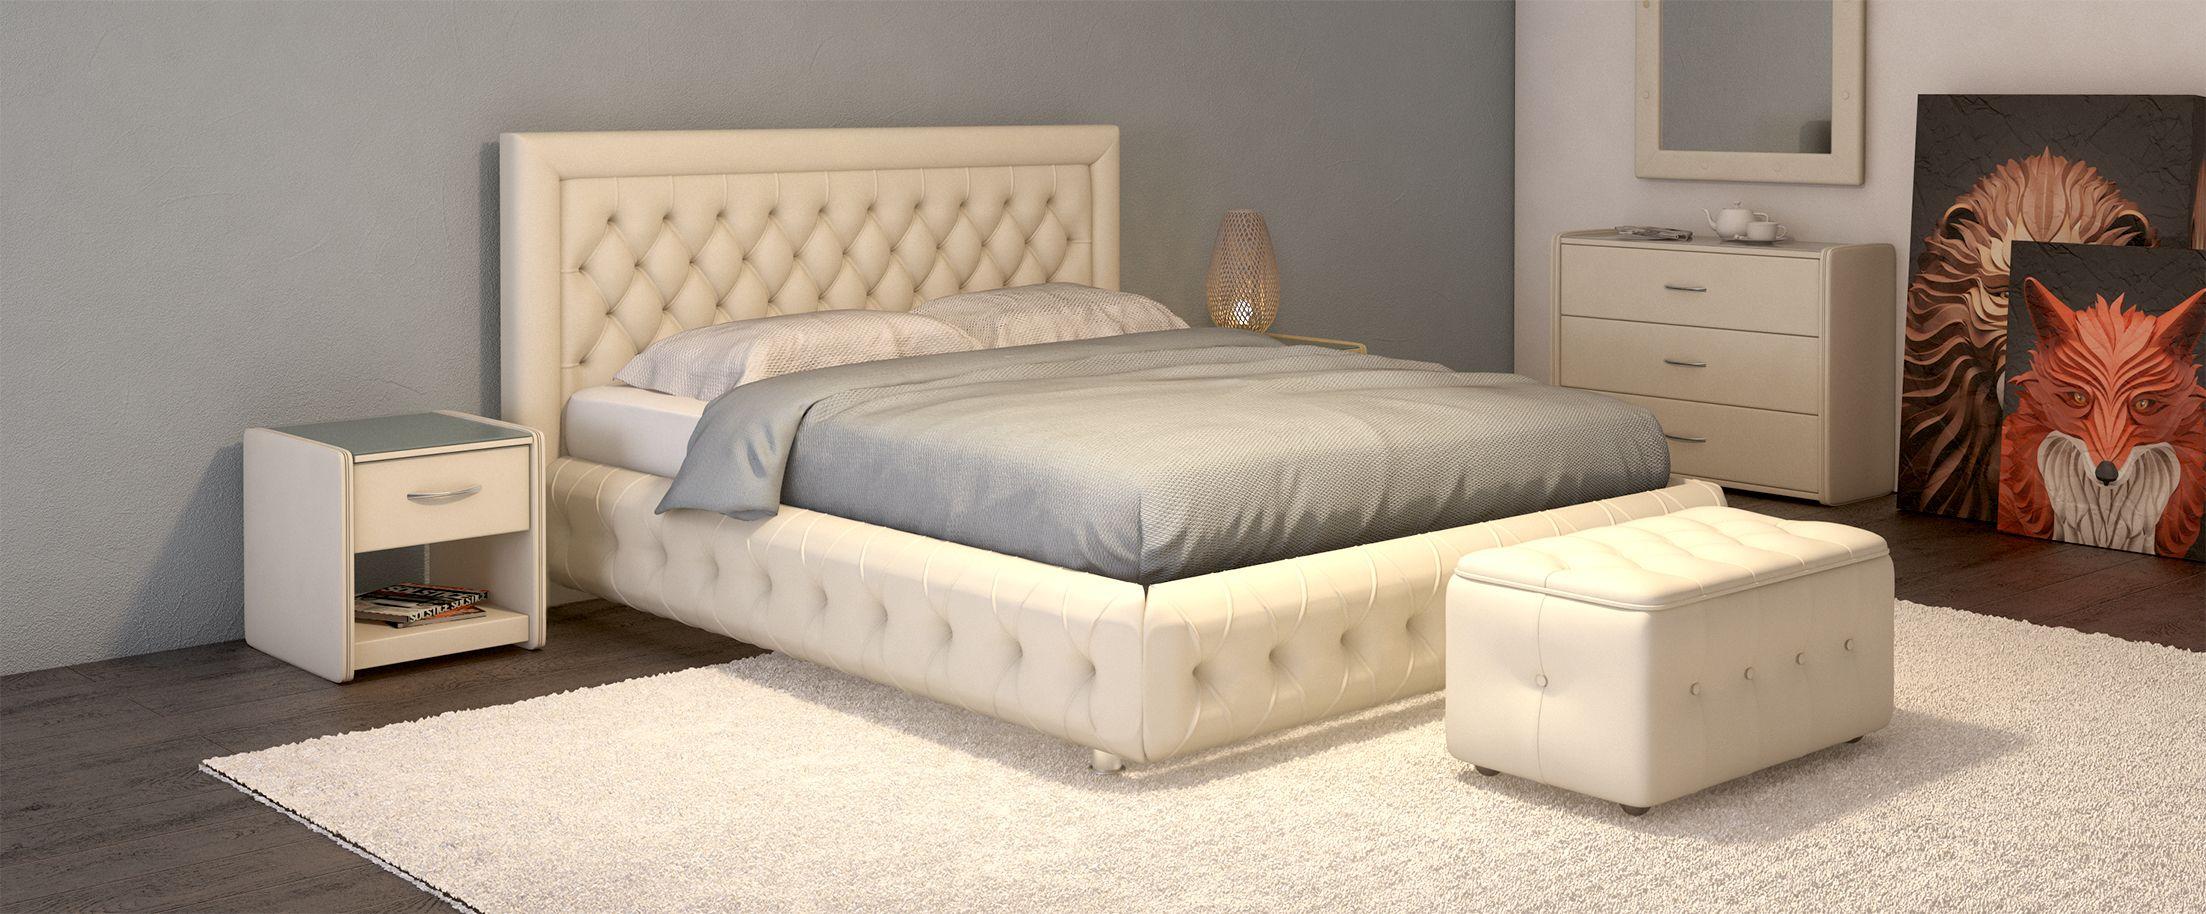 Кровать двуспальная Биг Бен Модель 586Оригинальный дизайн кровати сделает Вашу спальню особенной. Биг Бен - кровать для тех, кому нравится сочетать классику и модерн: утяжки на царгах придают стиль и шарм изделию.<br><br>Ширина см: 176<br>Глубина см: 222<br>Высота см: 112<br>Ширина спального места см: 160<br>Глубина спального места см: 200<br>Встроенное основание: Есть<br>Материал каркаса: ДСП<br>Материал обивки: Экокожа<br>Подъемный механизм: Нет<br>Цвет: Белый<br>Код ткани: Марципан